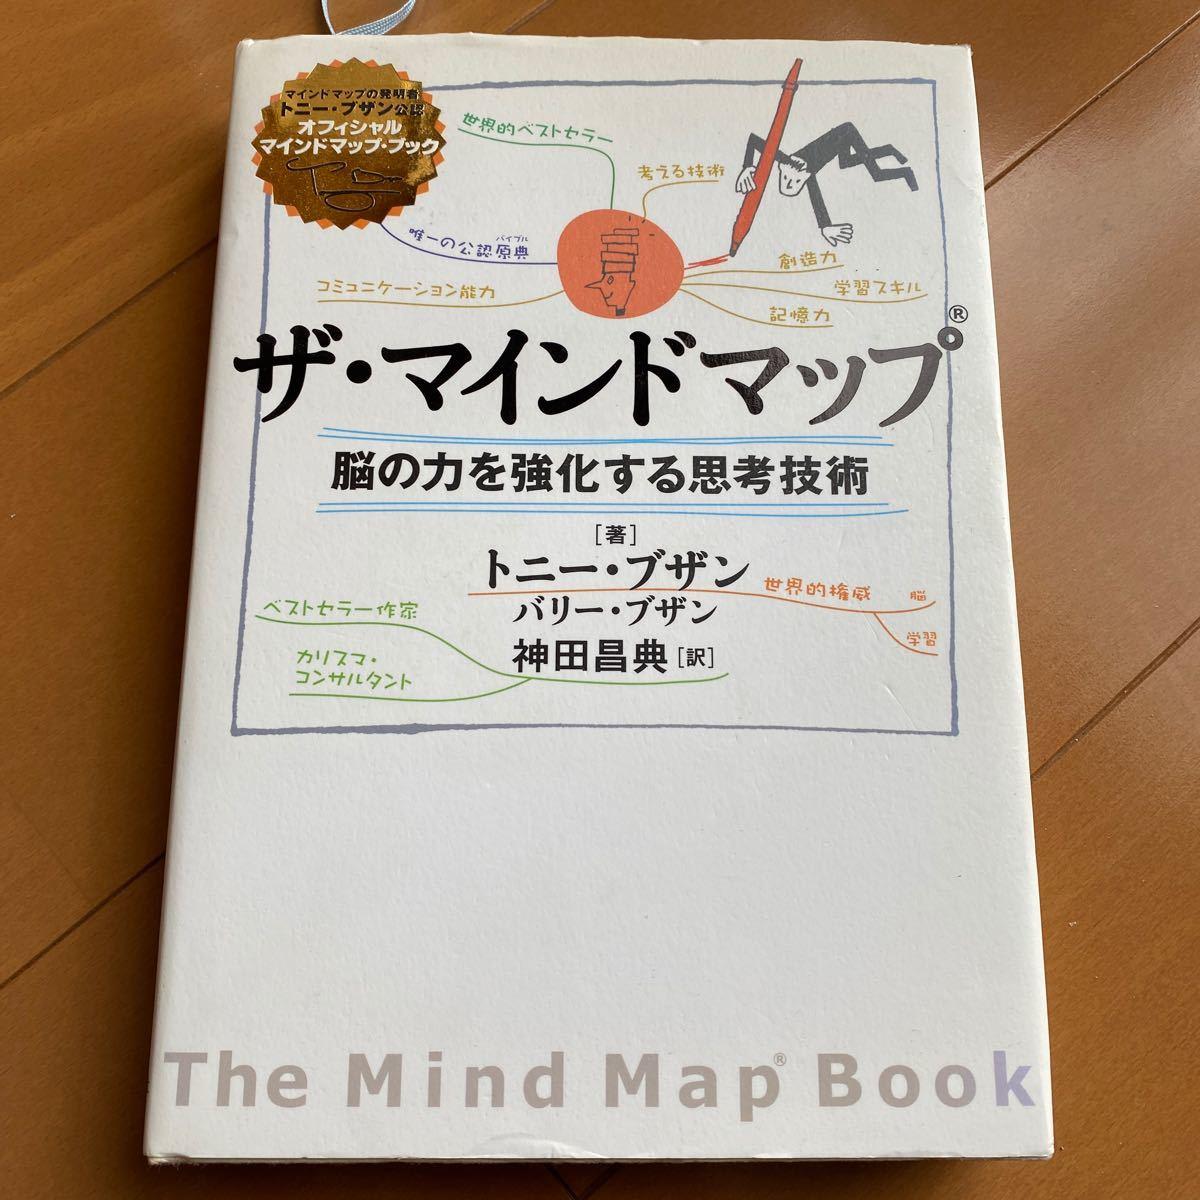 ザ・マインドマップ 脳の力を強化する思考技術  /ダイヤモンド社/トニ-・ブザン (単行本) 中古